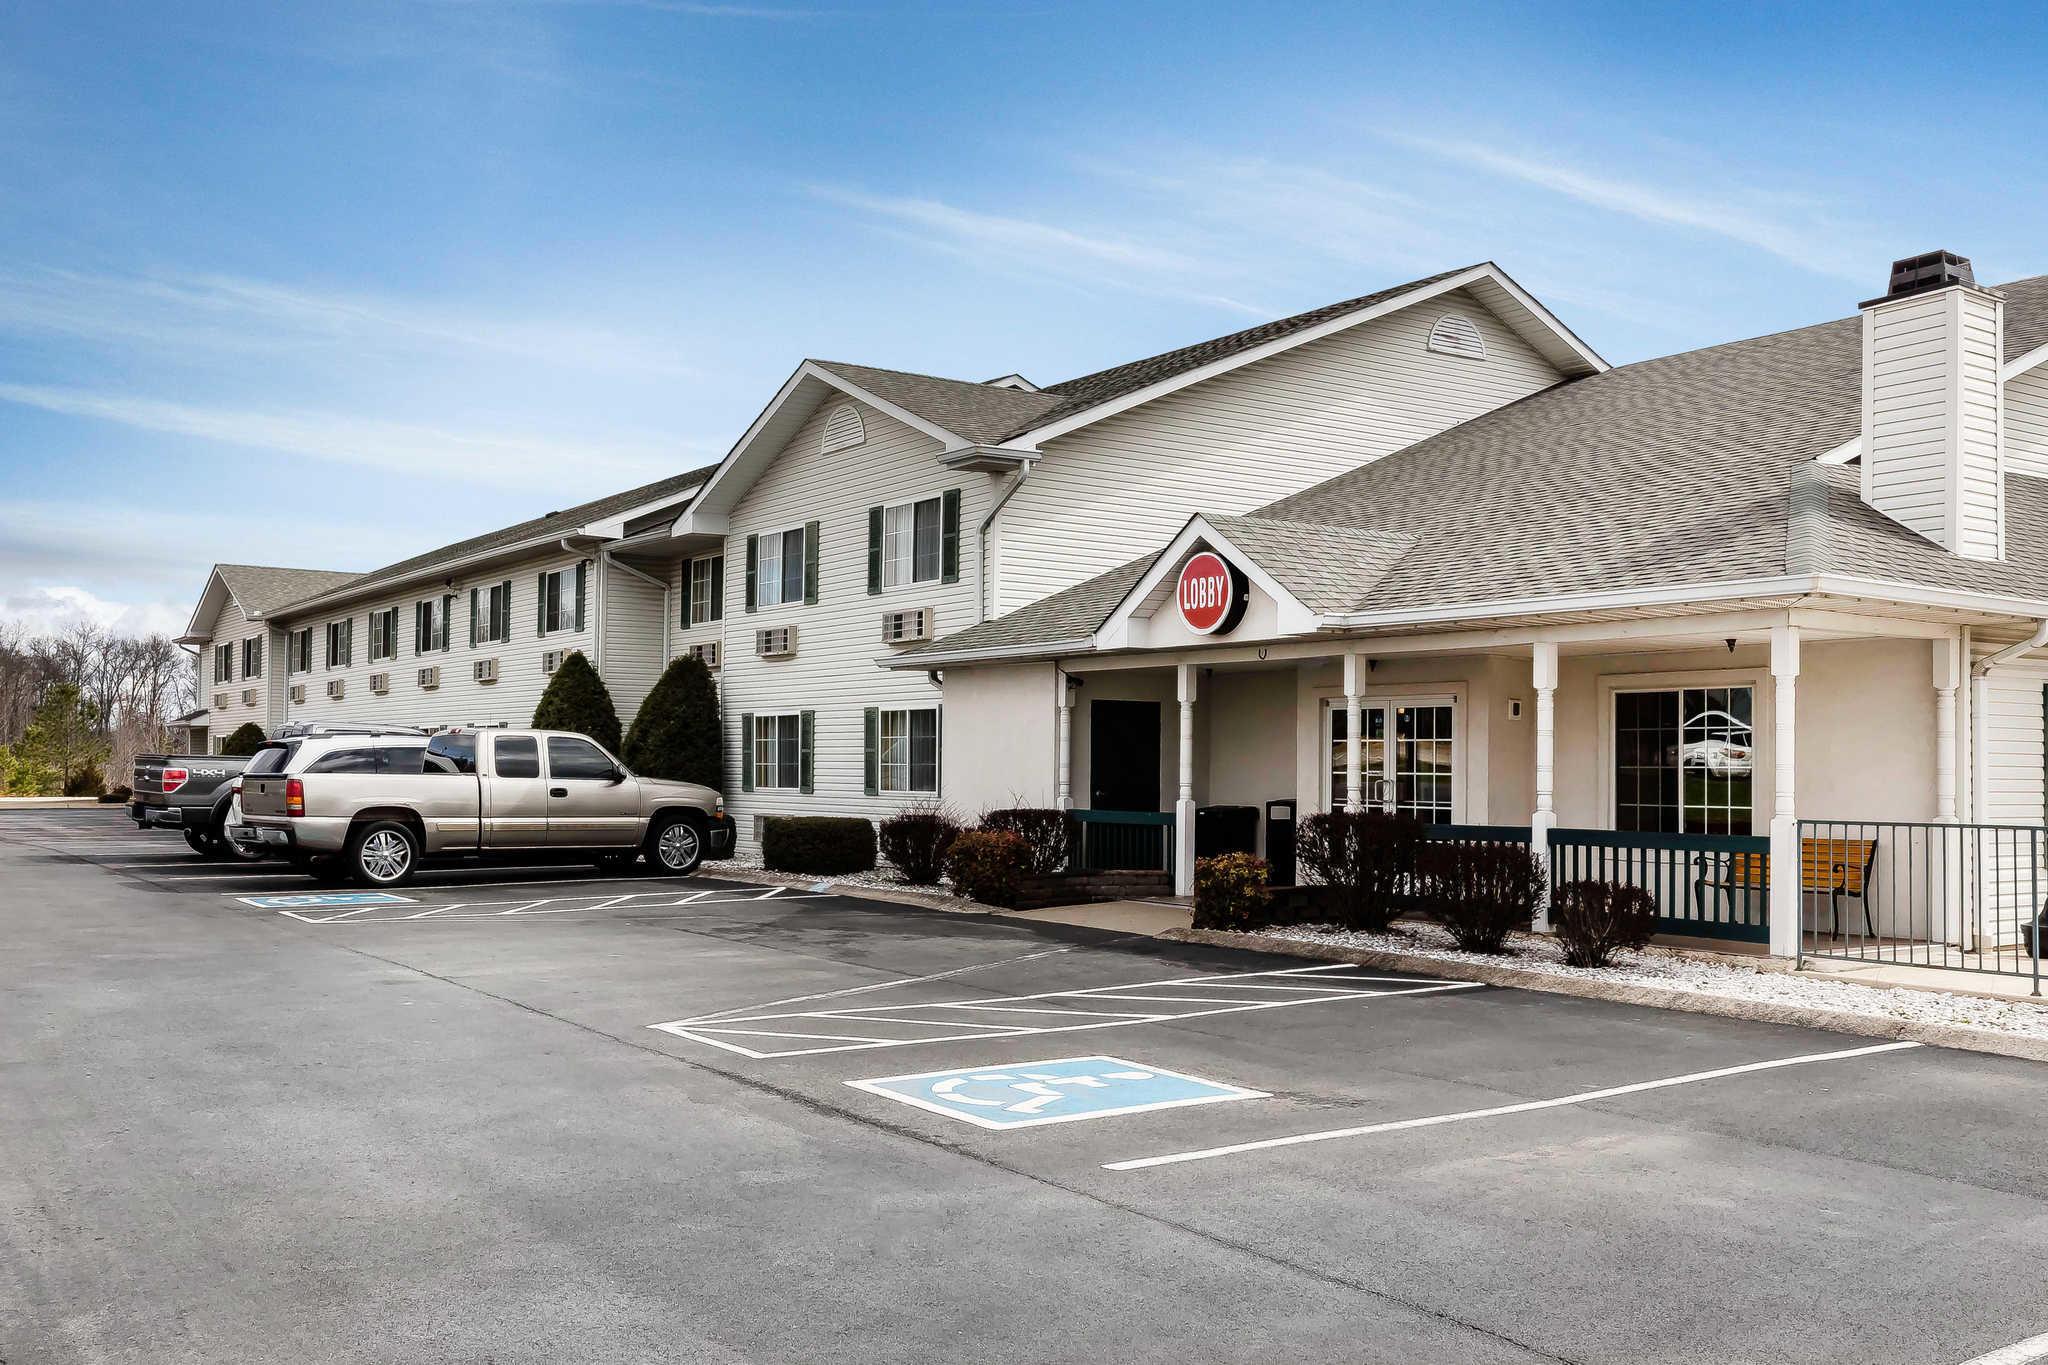 Hotels Near Dickson Tn